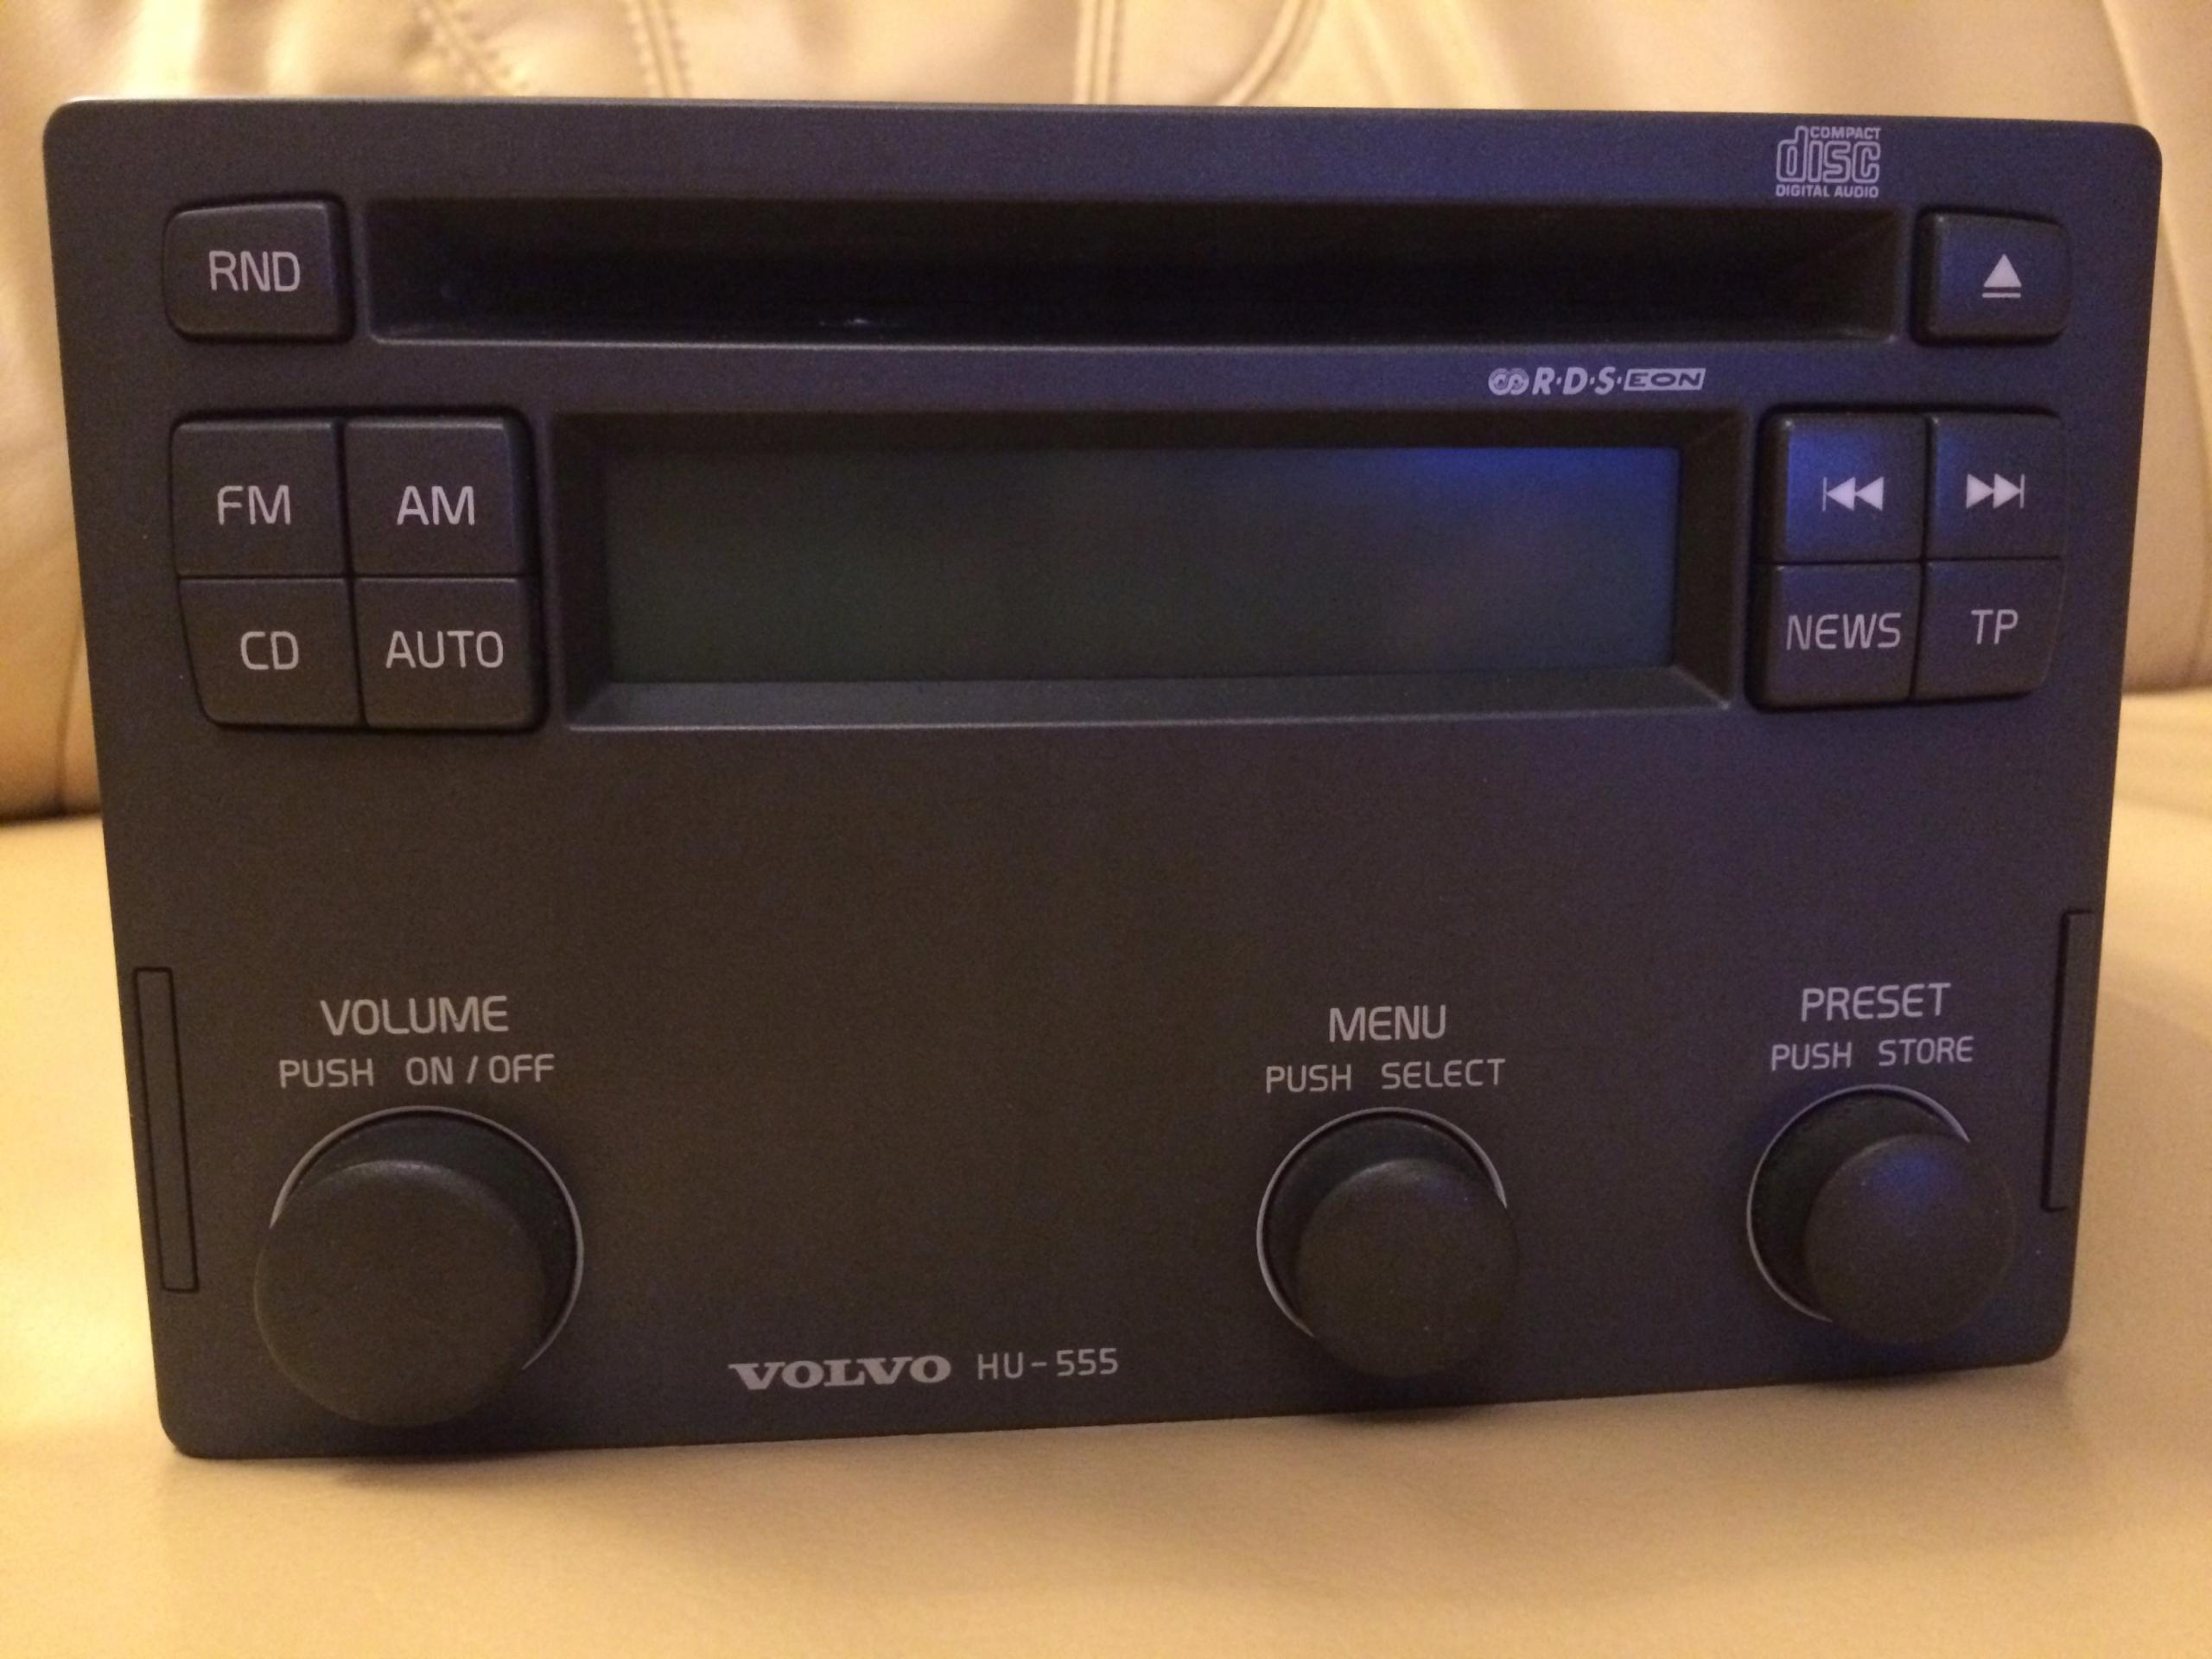 fabryczne radio hu-555 z Volvo V40 2003 r